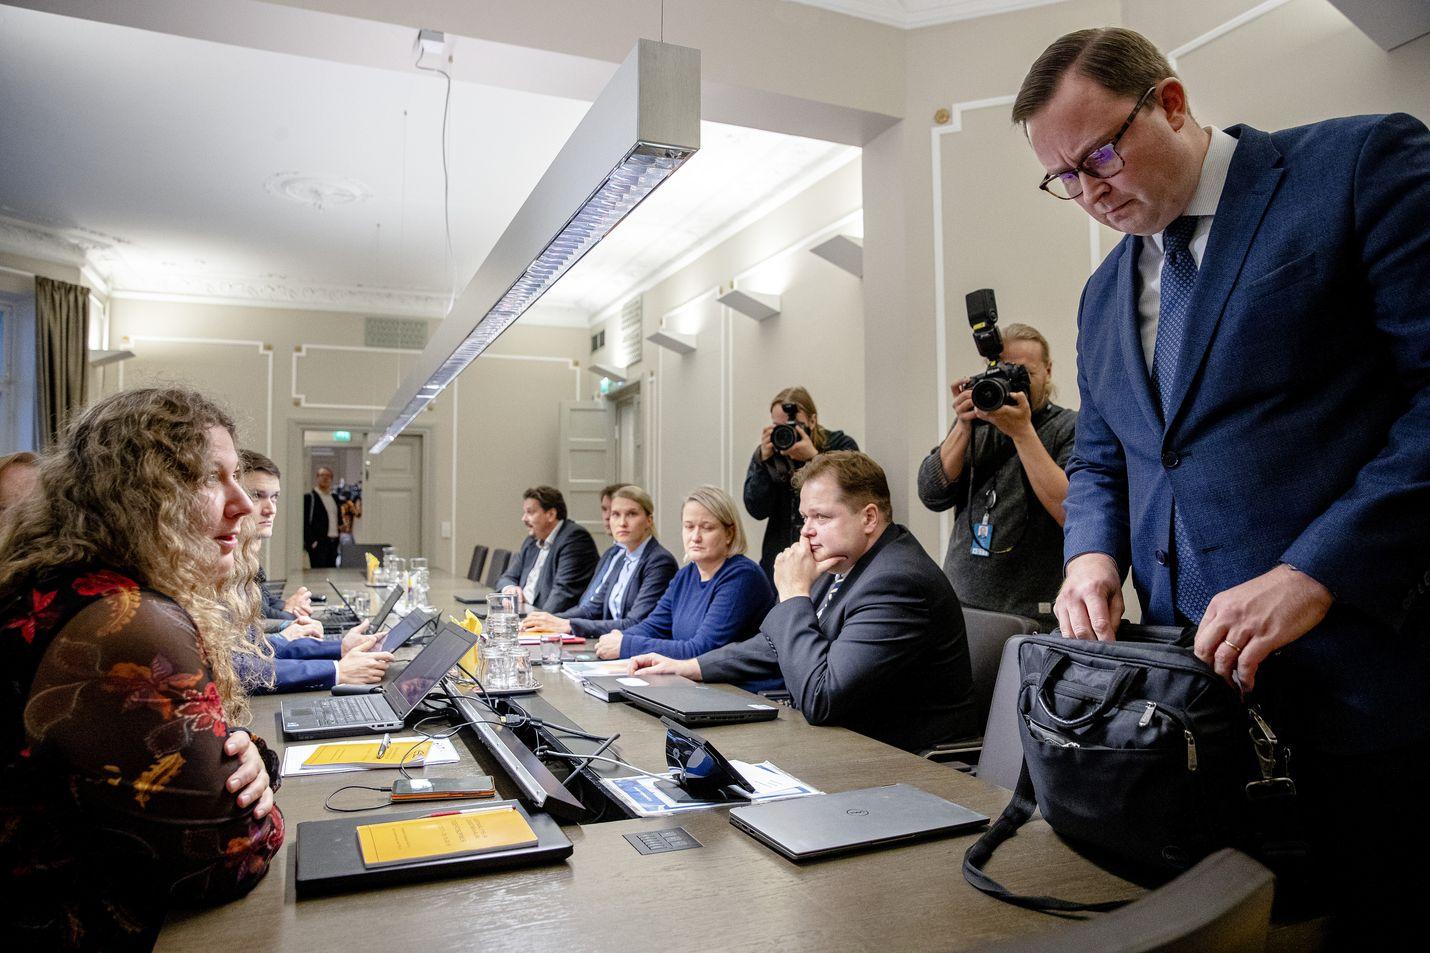 PAU:n puheenjohtaja Heidi Nieminen (vas.) ja Paltan toimitusjohtaja Tuomas Aarto (oik.) kävivät valtakunnansovittelijan neuvottelupöytään keskiviikkona. Ratkaisua ei löytynyt.